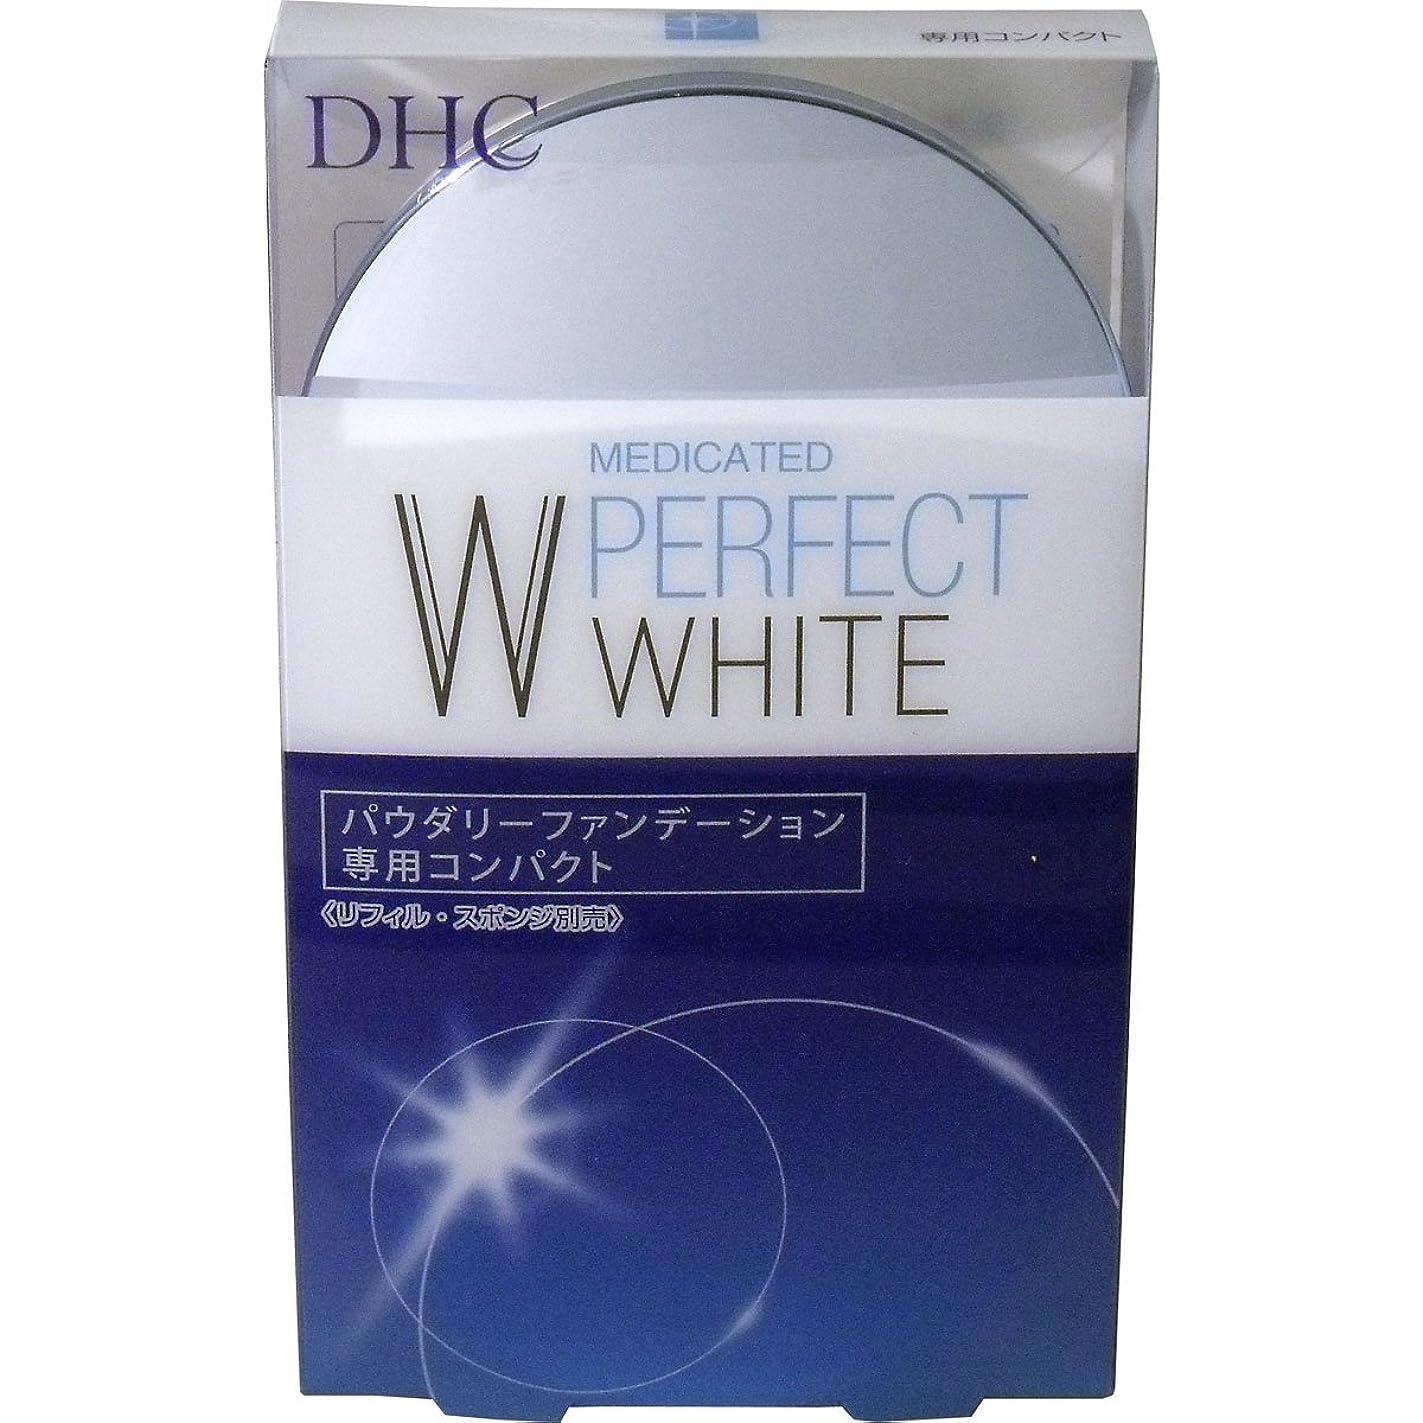 シンプルさ飲み込む中央DHC 薬用美白パーフェクトホワイト パウダリーファンデーション専用コンパクト (商品内訳:単品1個)